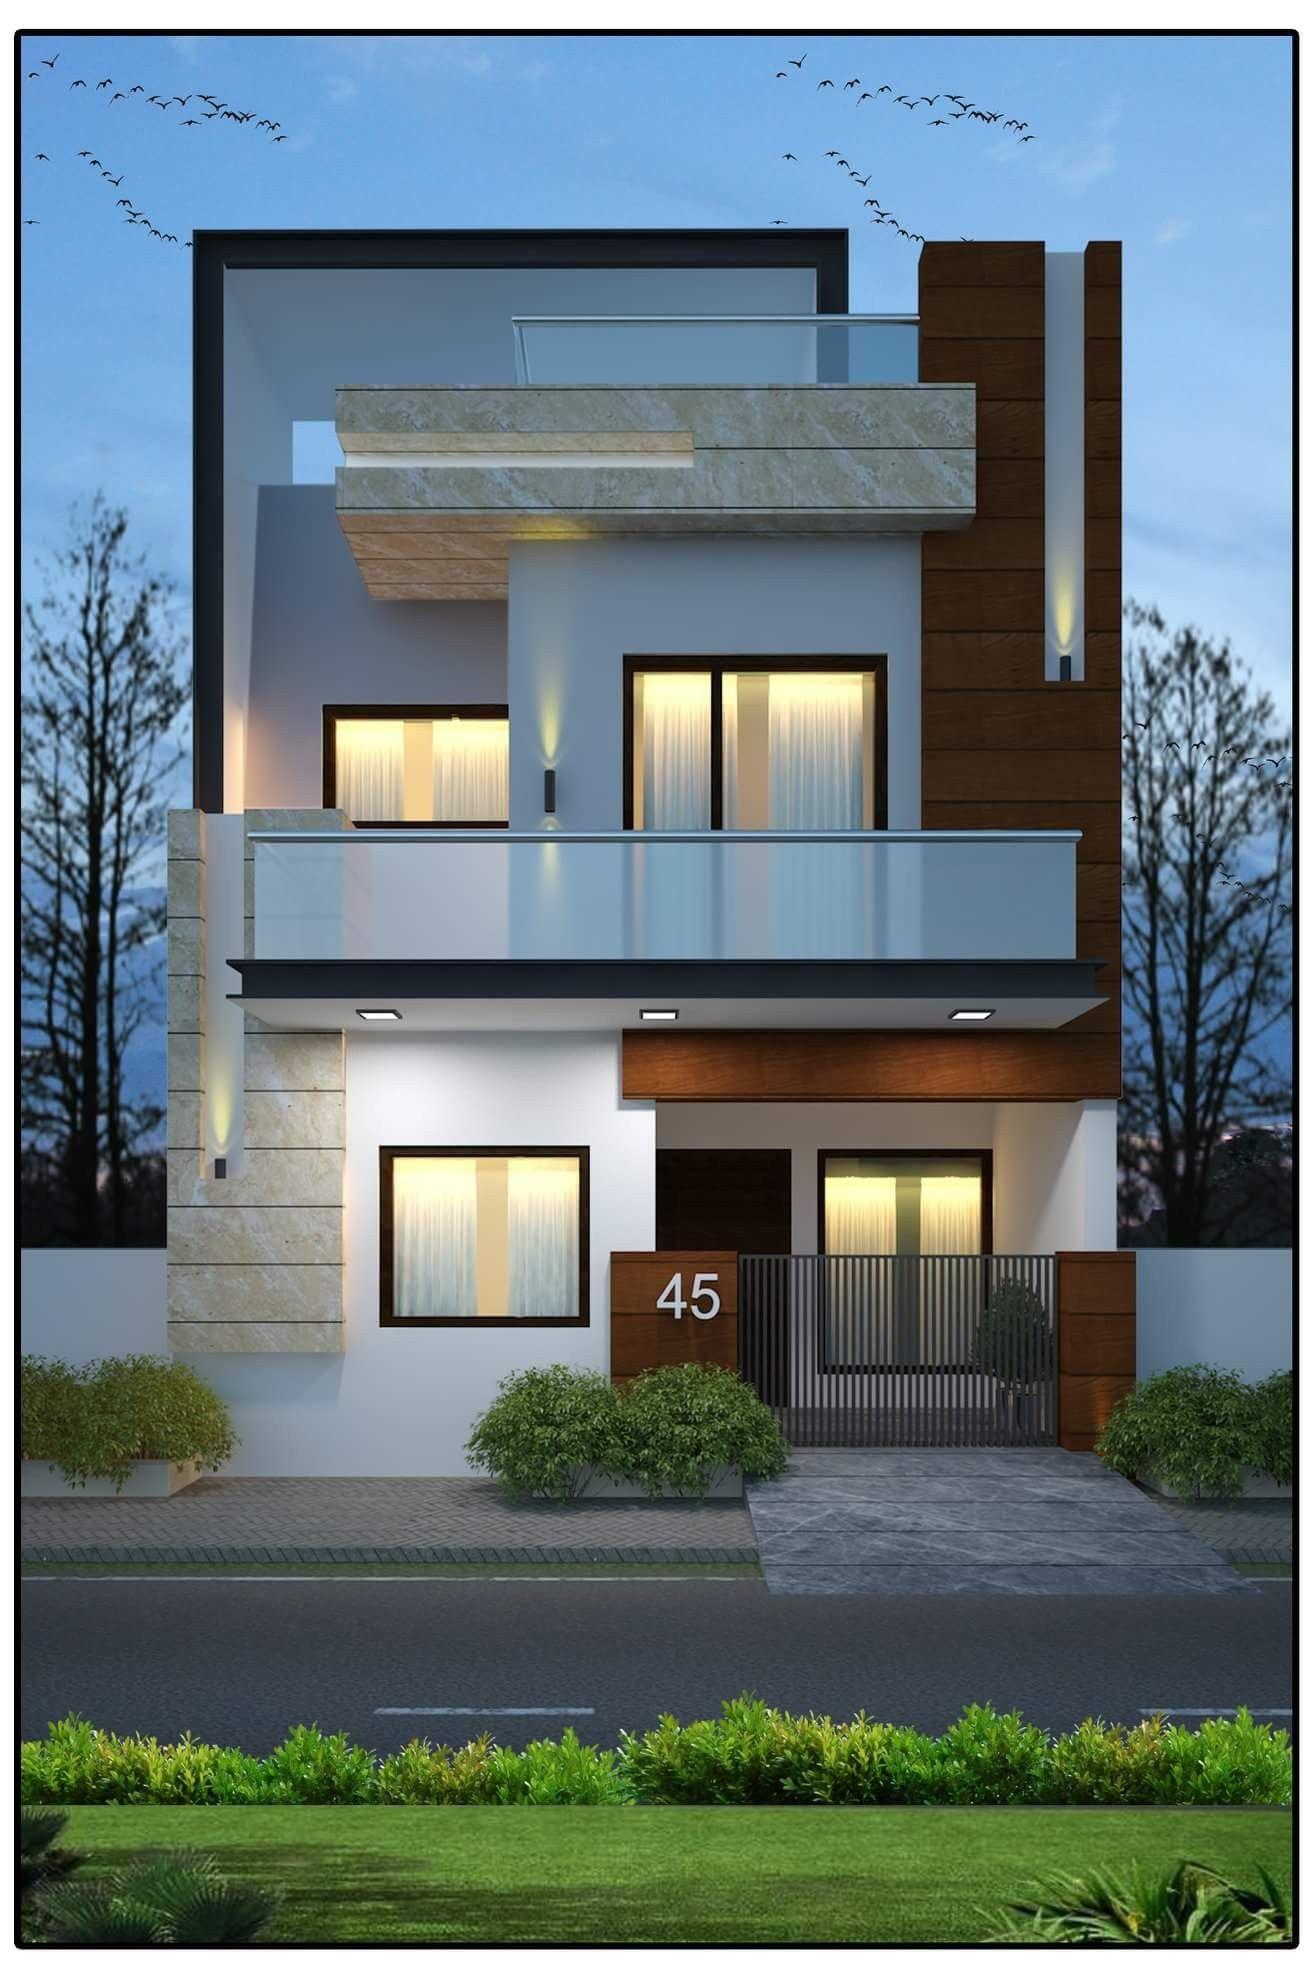 Fachadas Casas Minimalistas, Diseño Casas